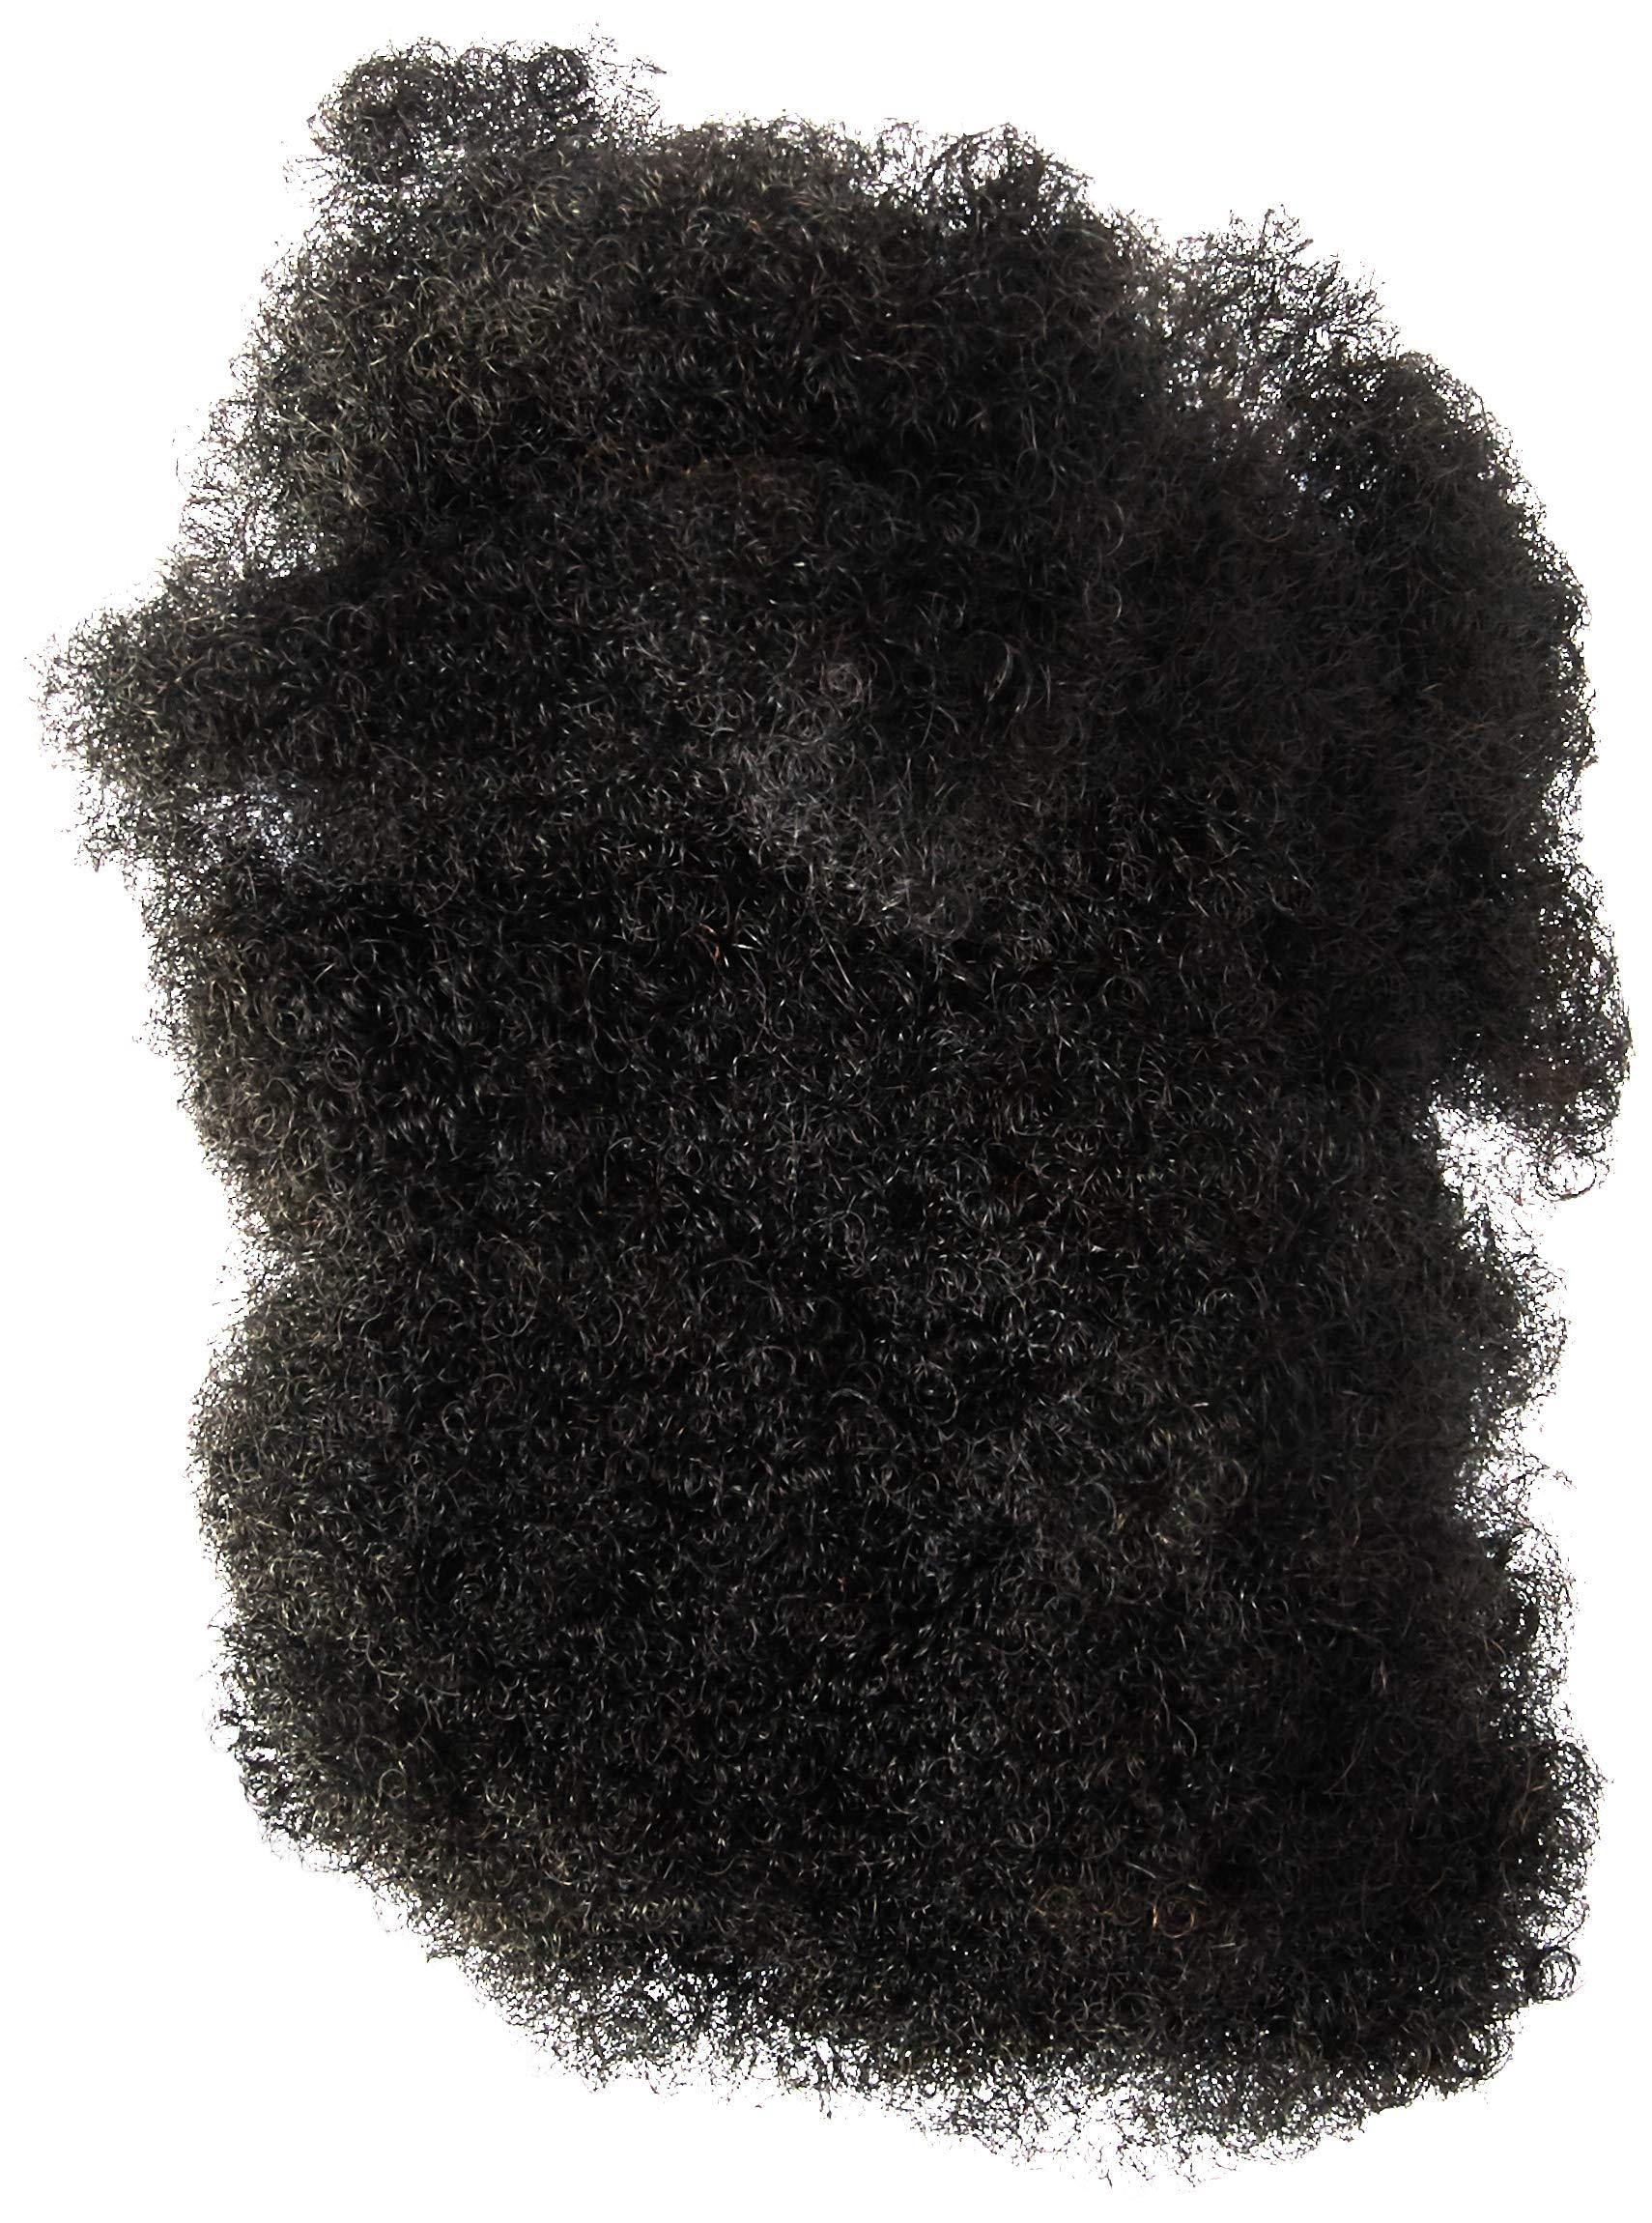 0a7728180c9 Amazon.com : Vivica A Fox Hair Collection HKBK16-V Human Hair Afro ...